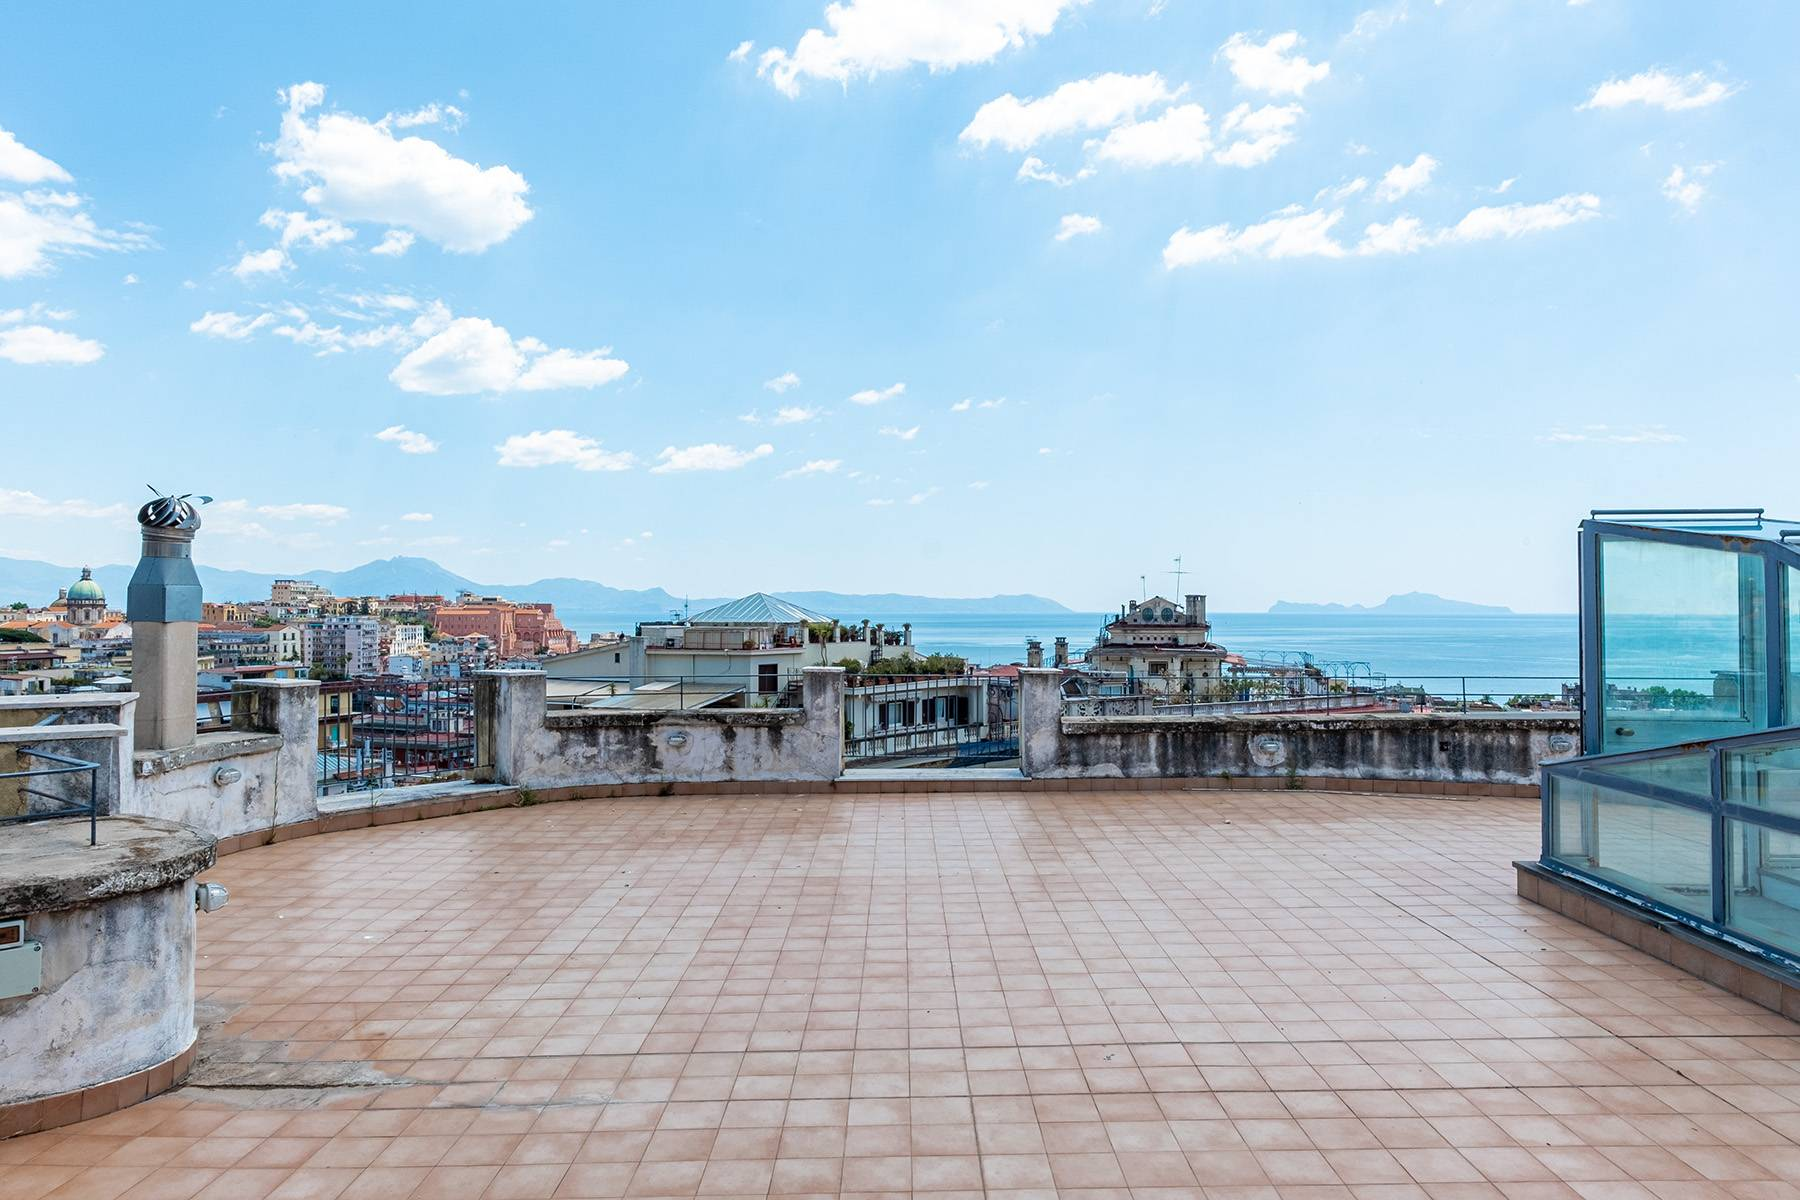 Attico in Vendita a Napoli: 5 locali, 160 mq - Foto 24